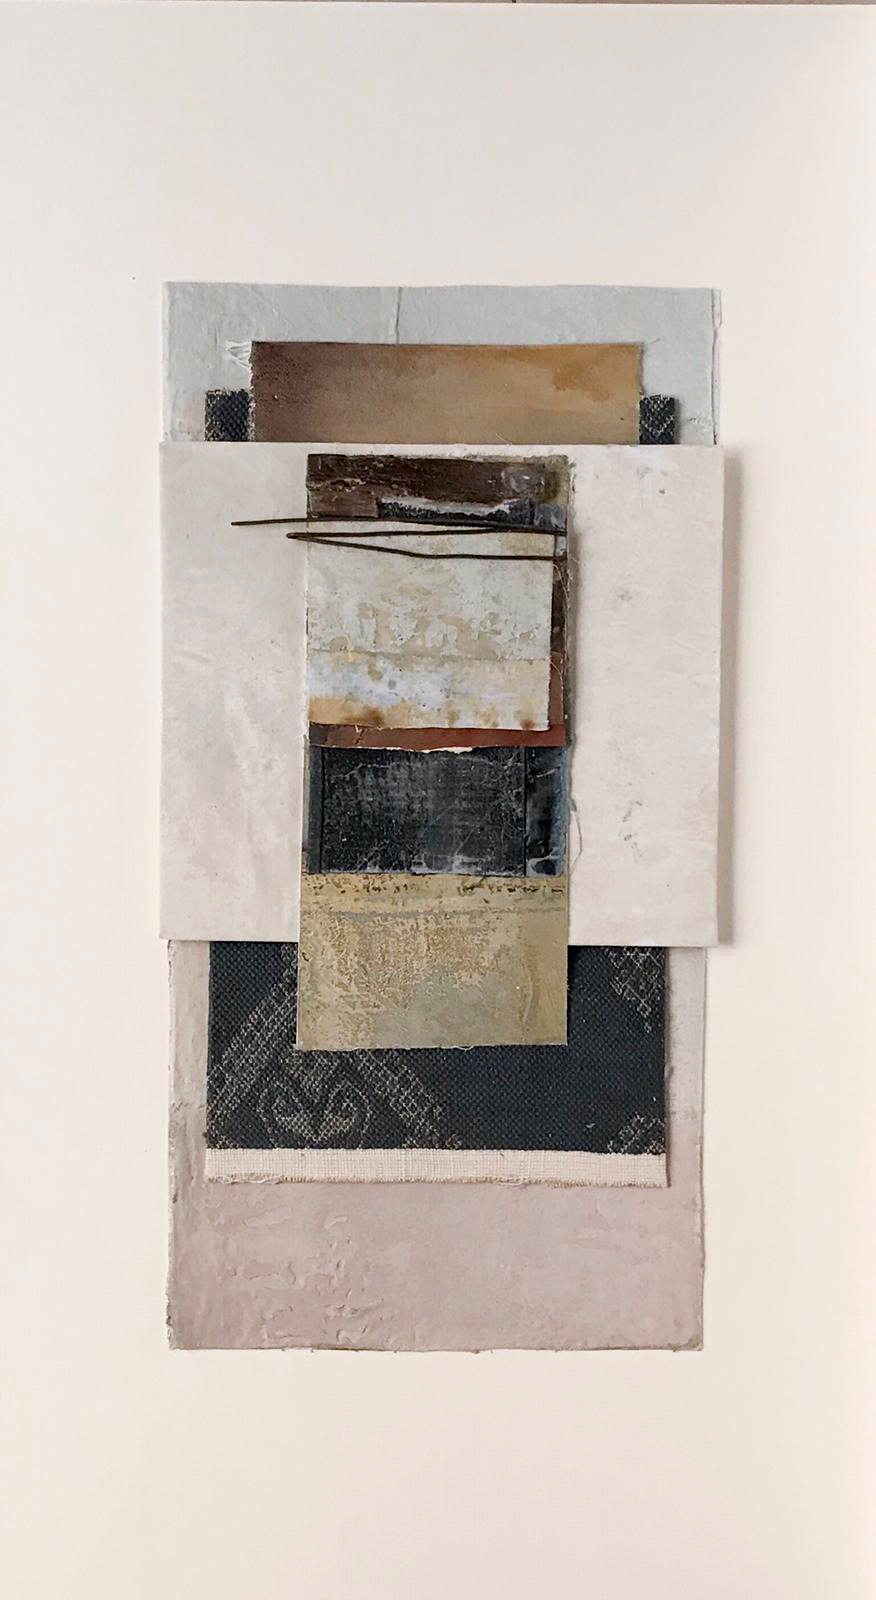 Assemblaggio su carta - Tela, carta, cera, stoffa, ferro (2019)